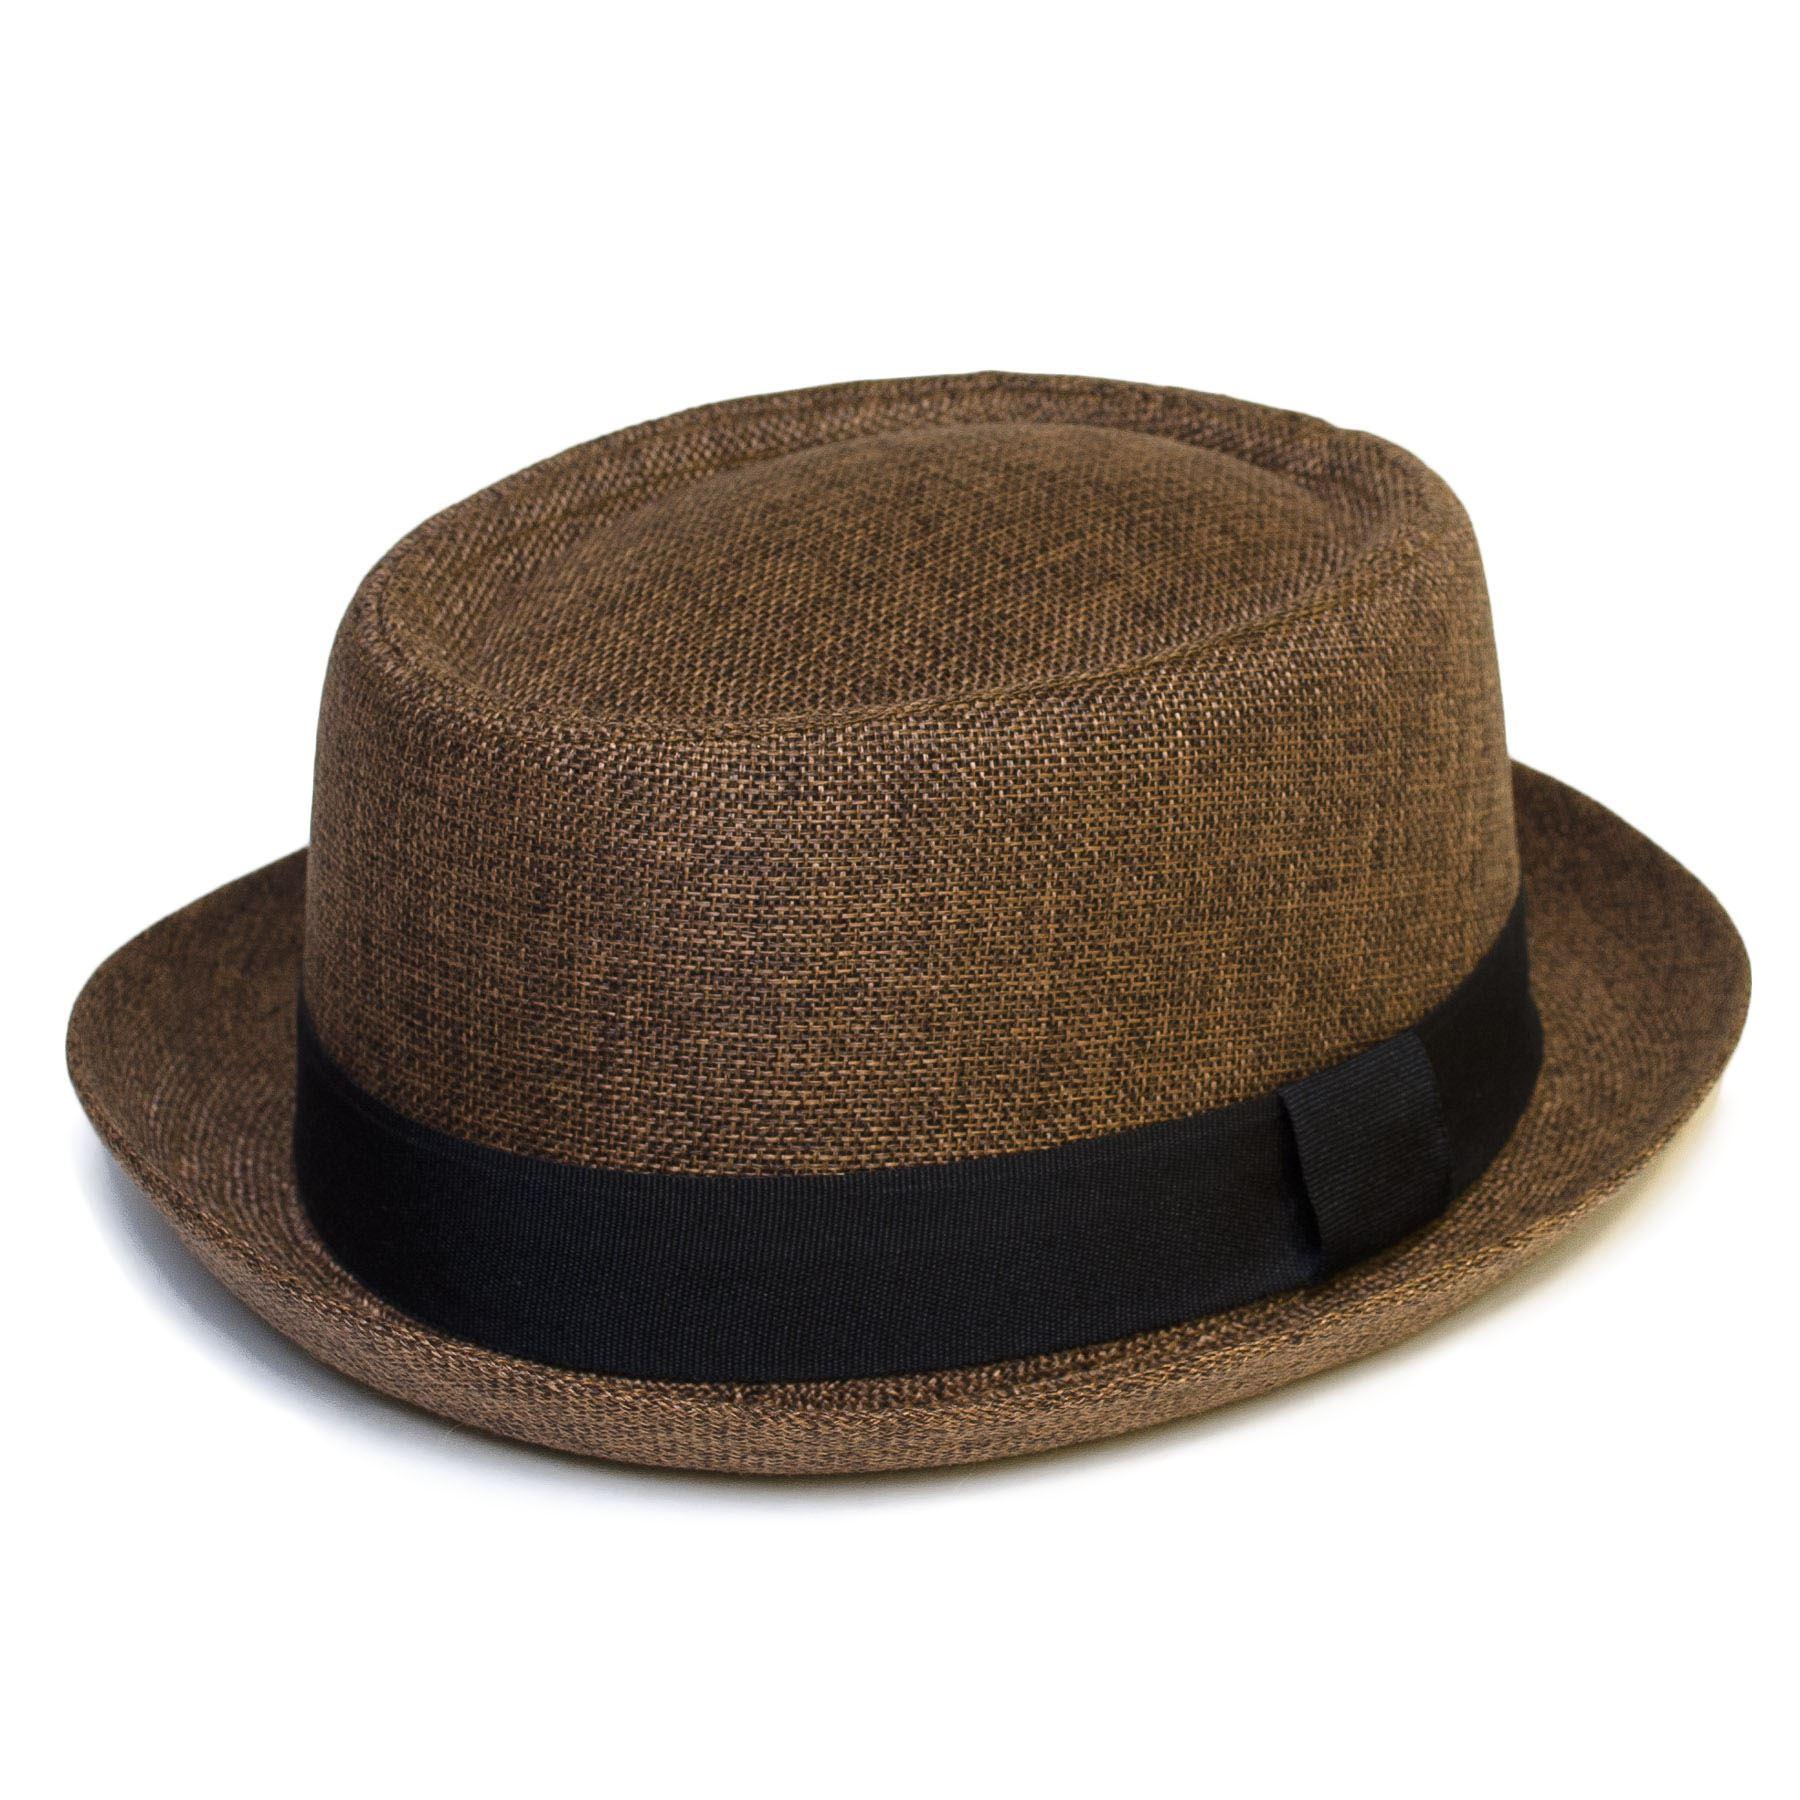 Mens Women Pork Pie Trilby Fedora Porkpie Hat Cap with ...